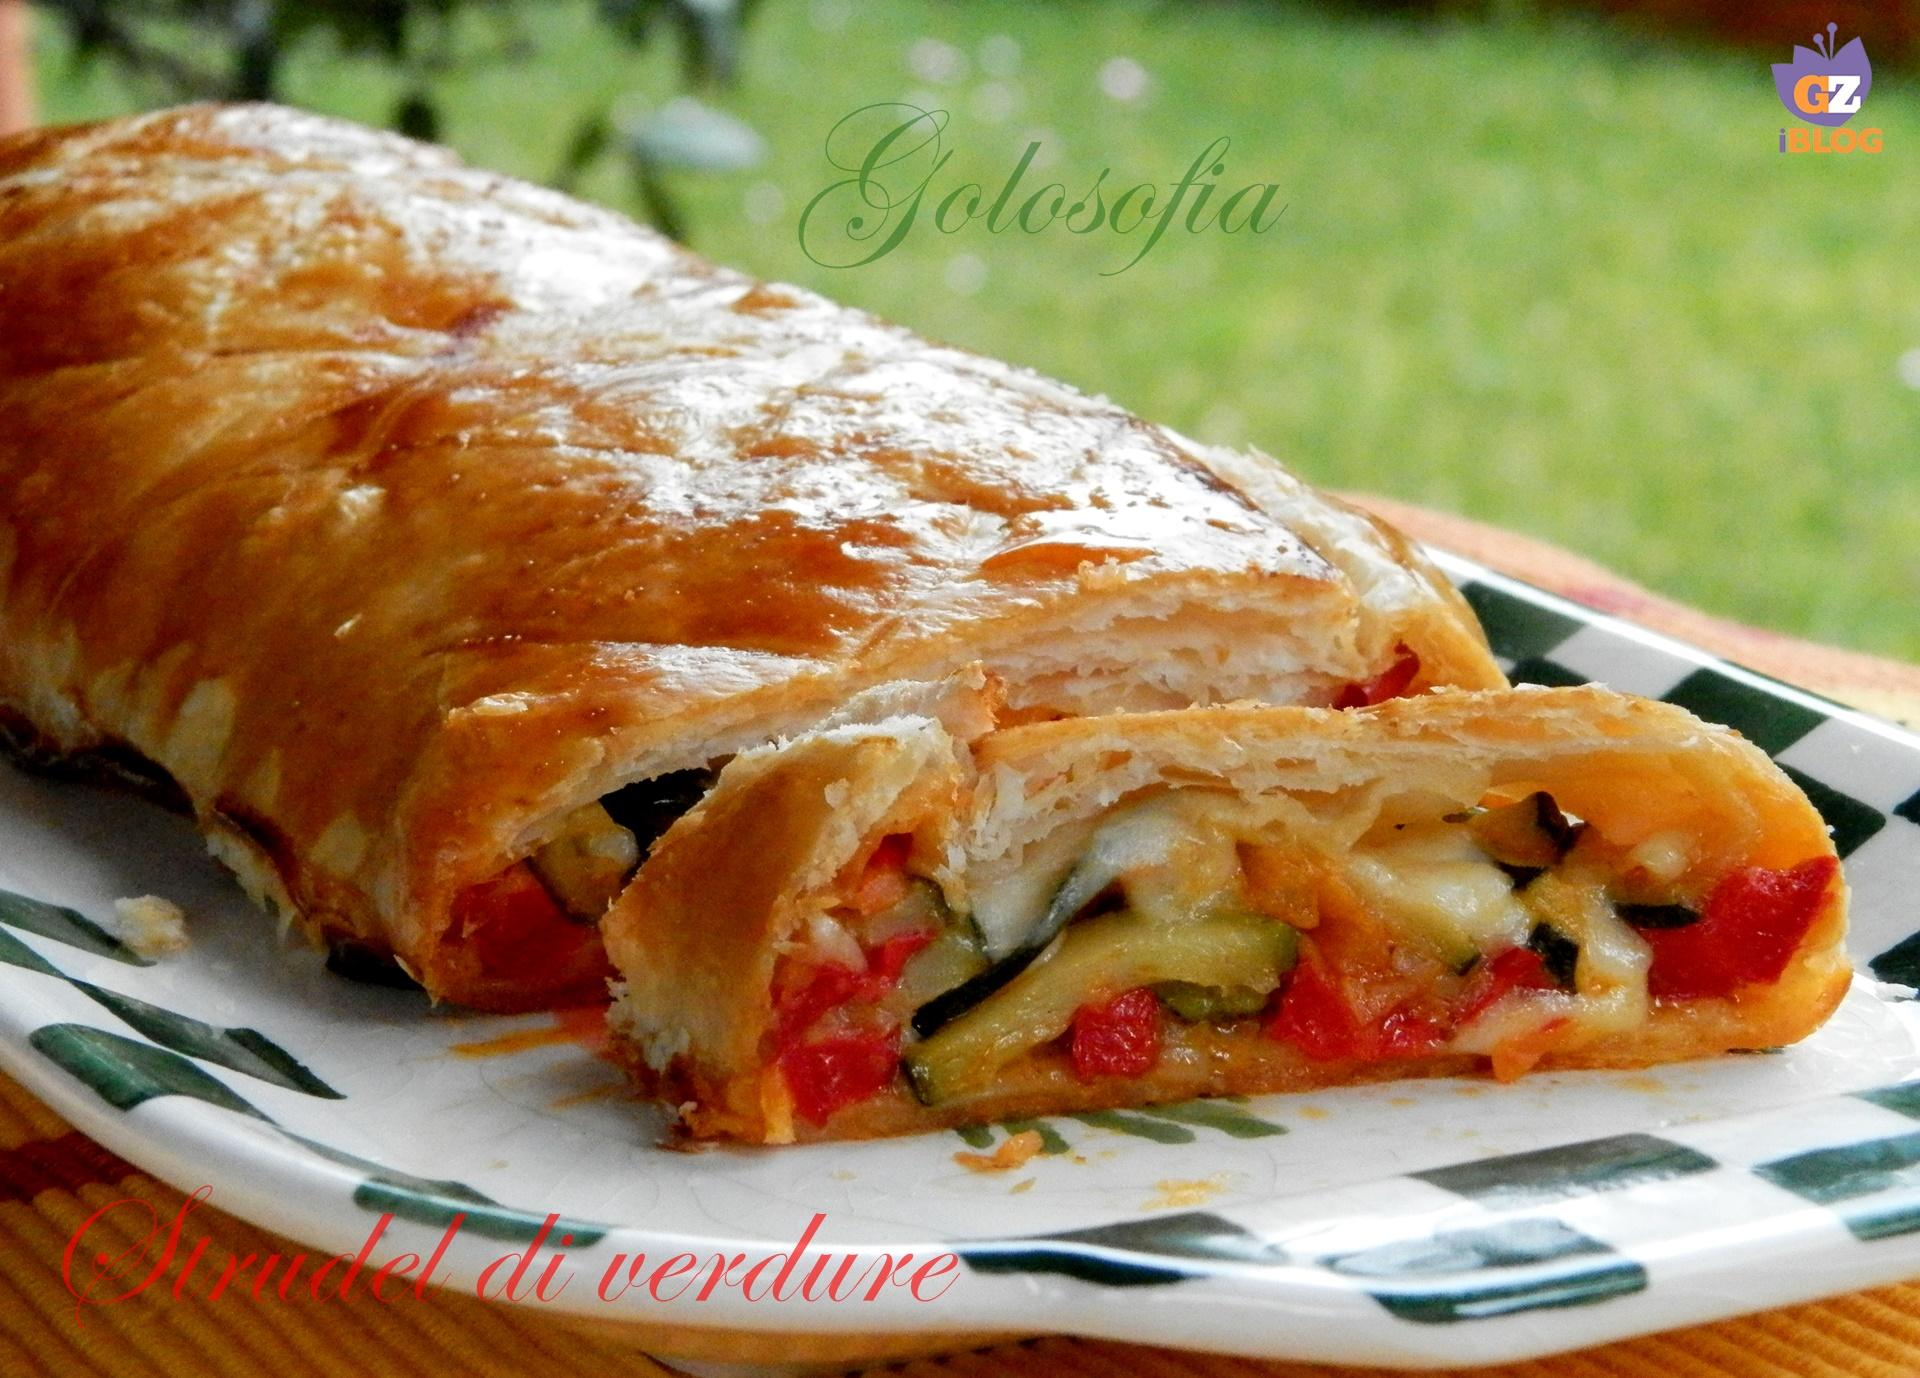 Strudel di verdure e formaggio, ricetta gustosissima